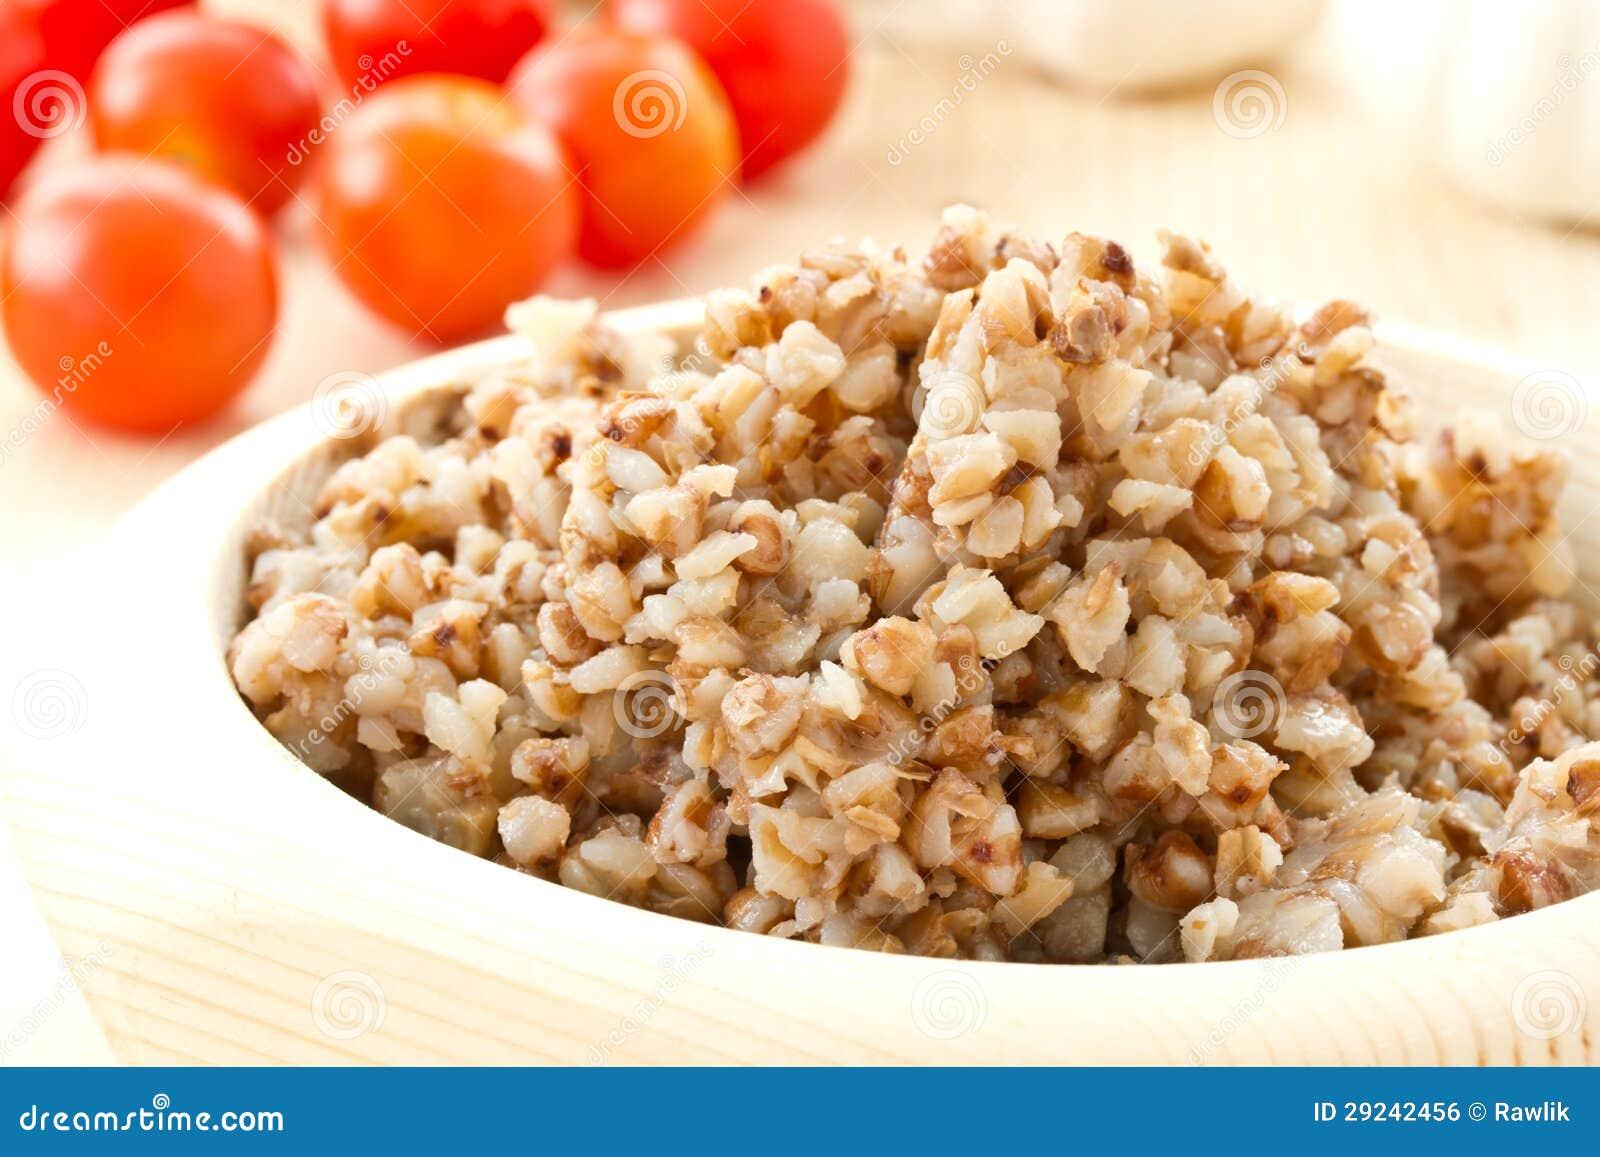 Download Trigo mourisco foto de stock. Imagem de dishware, gourmet - 29242456